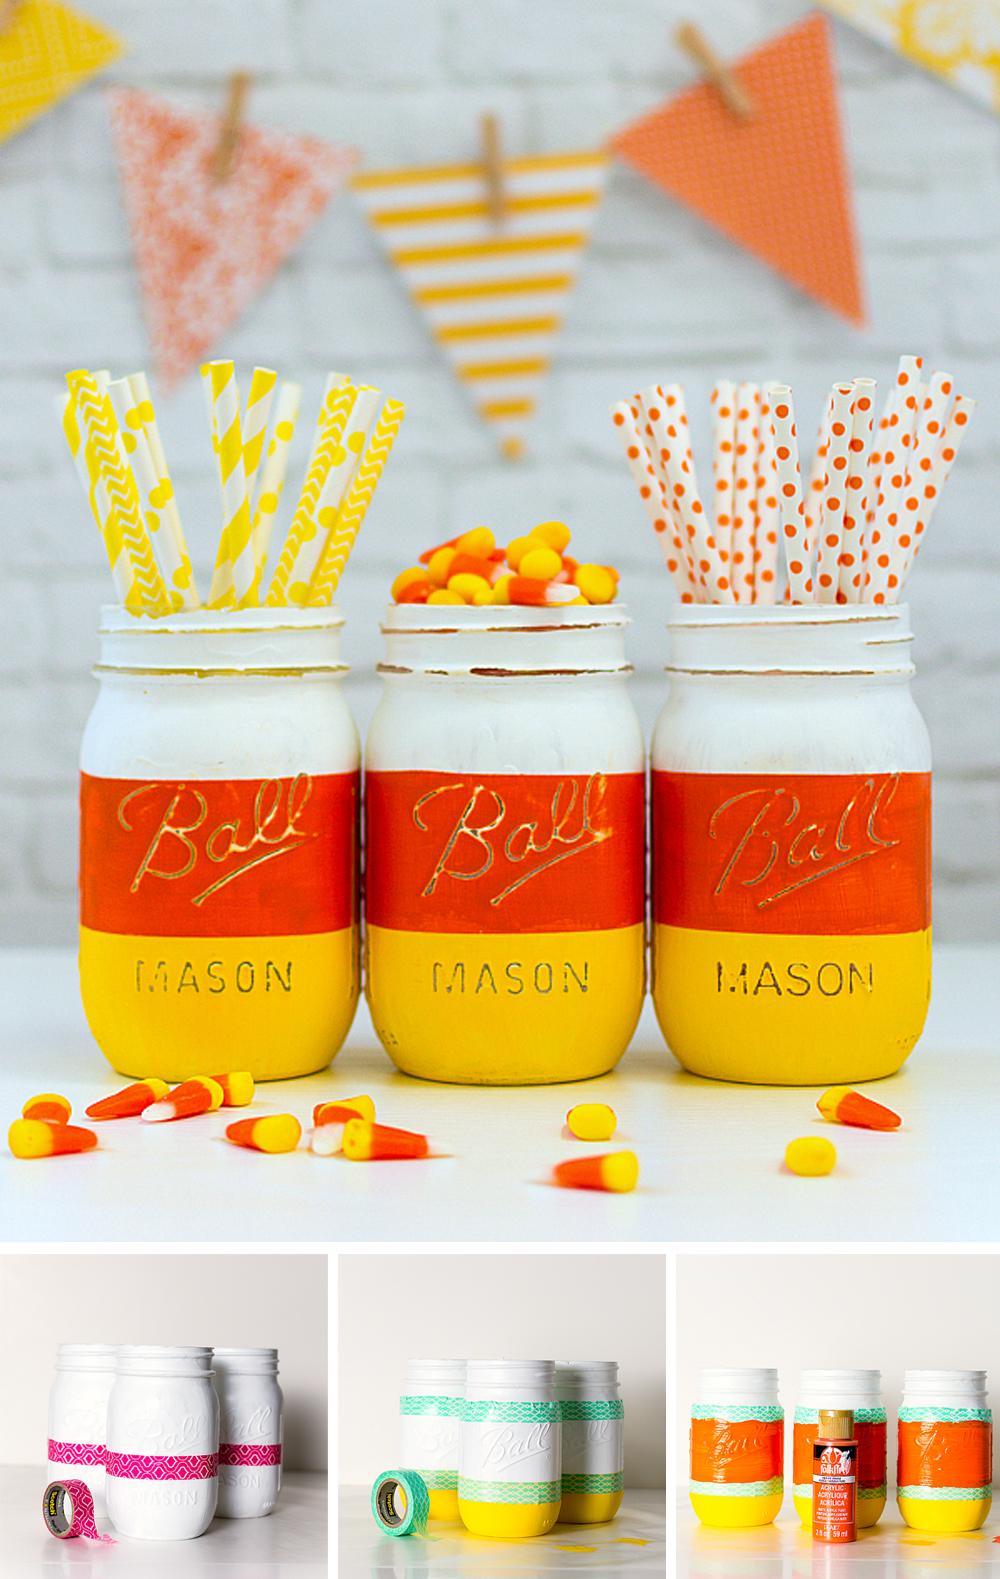 diy para decorar en halloween con tarro dulce de caramelos de maíz blanco naranja y amarillo con golosinas fácil y económico